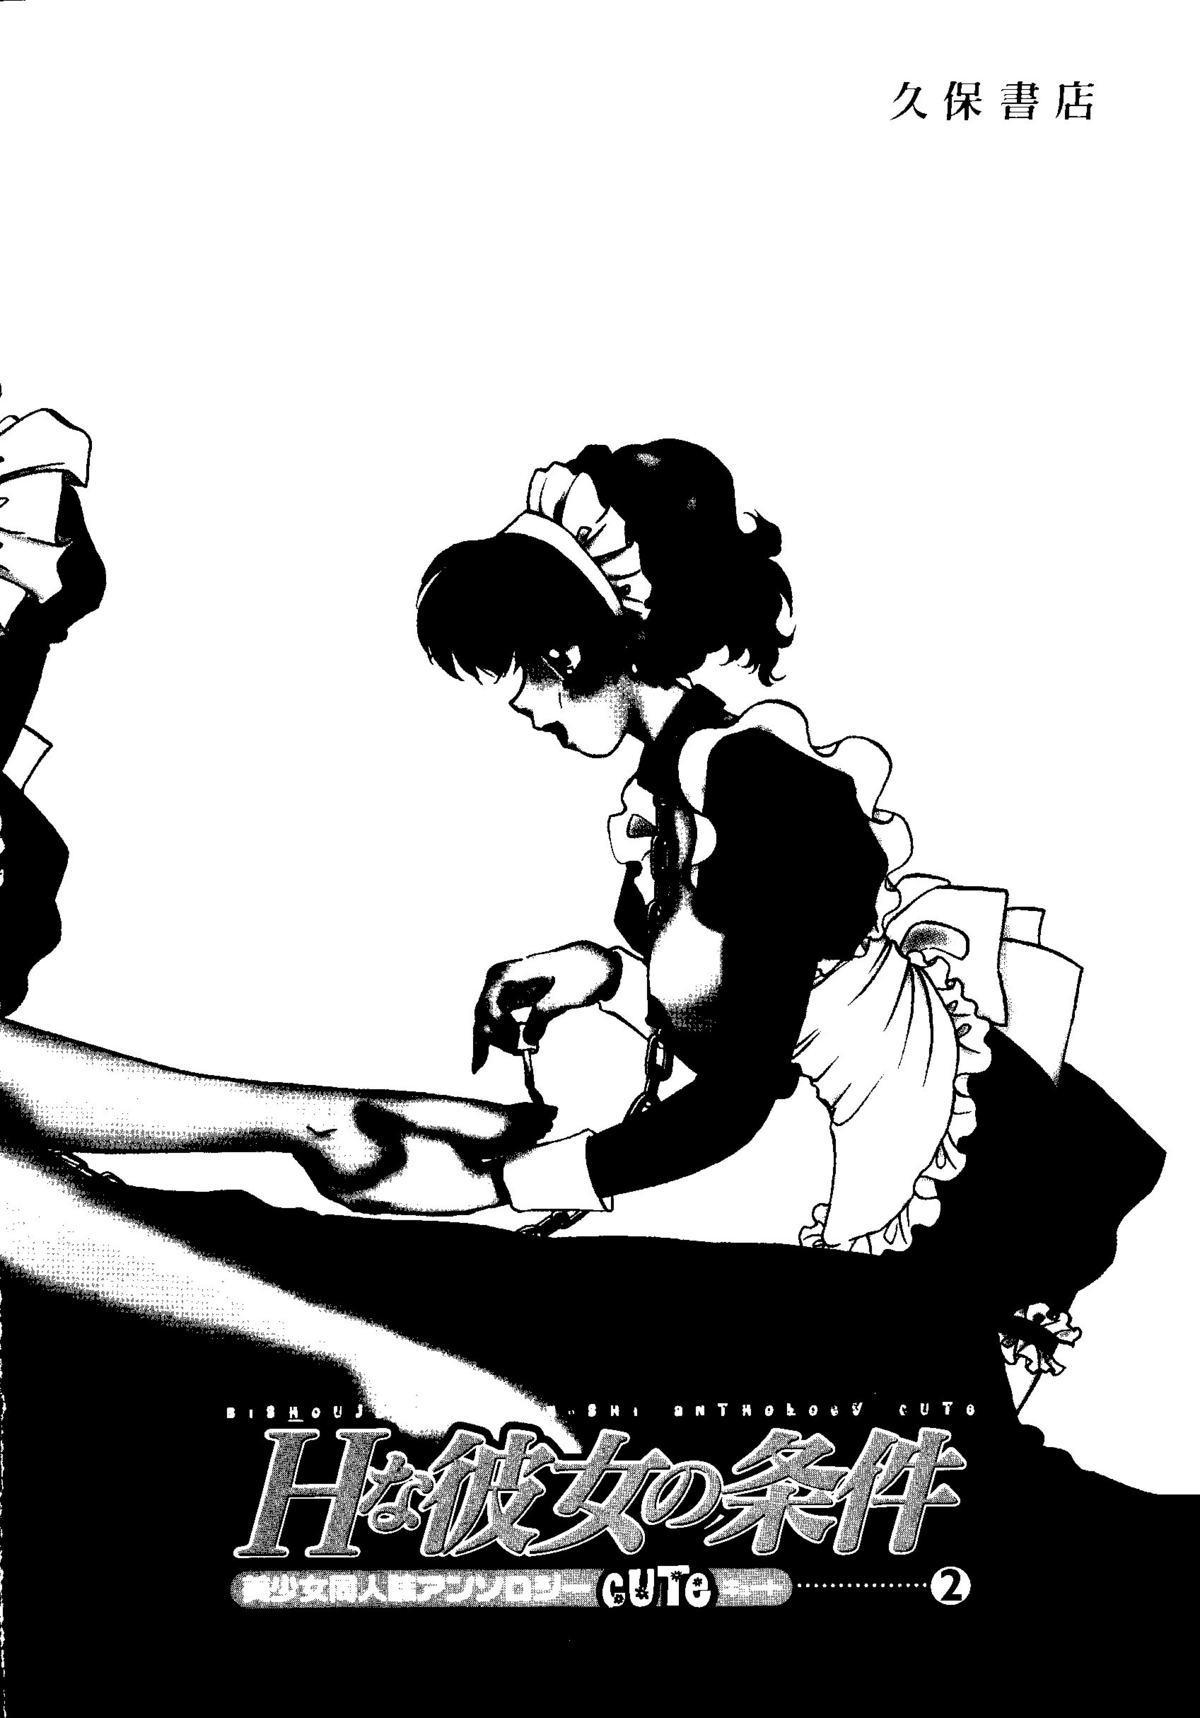 Bishoujo Doujinshi Anthology Cute 2 146